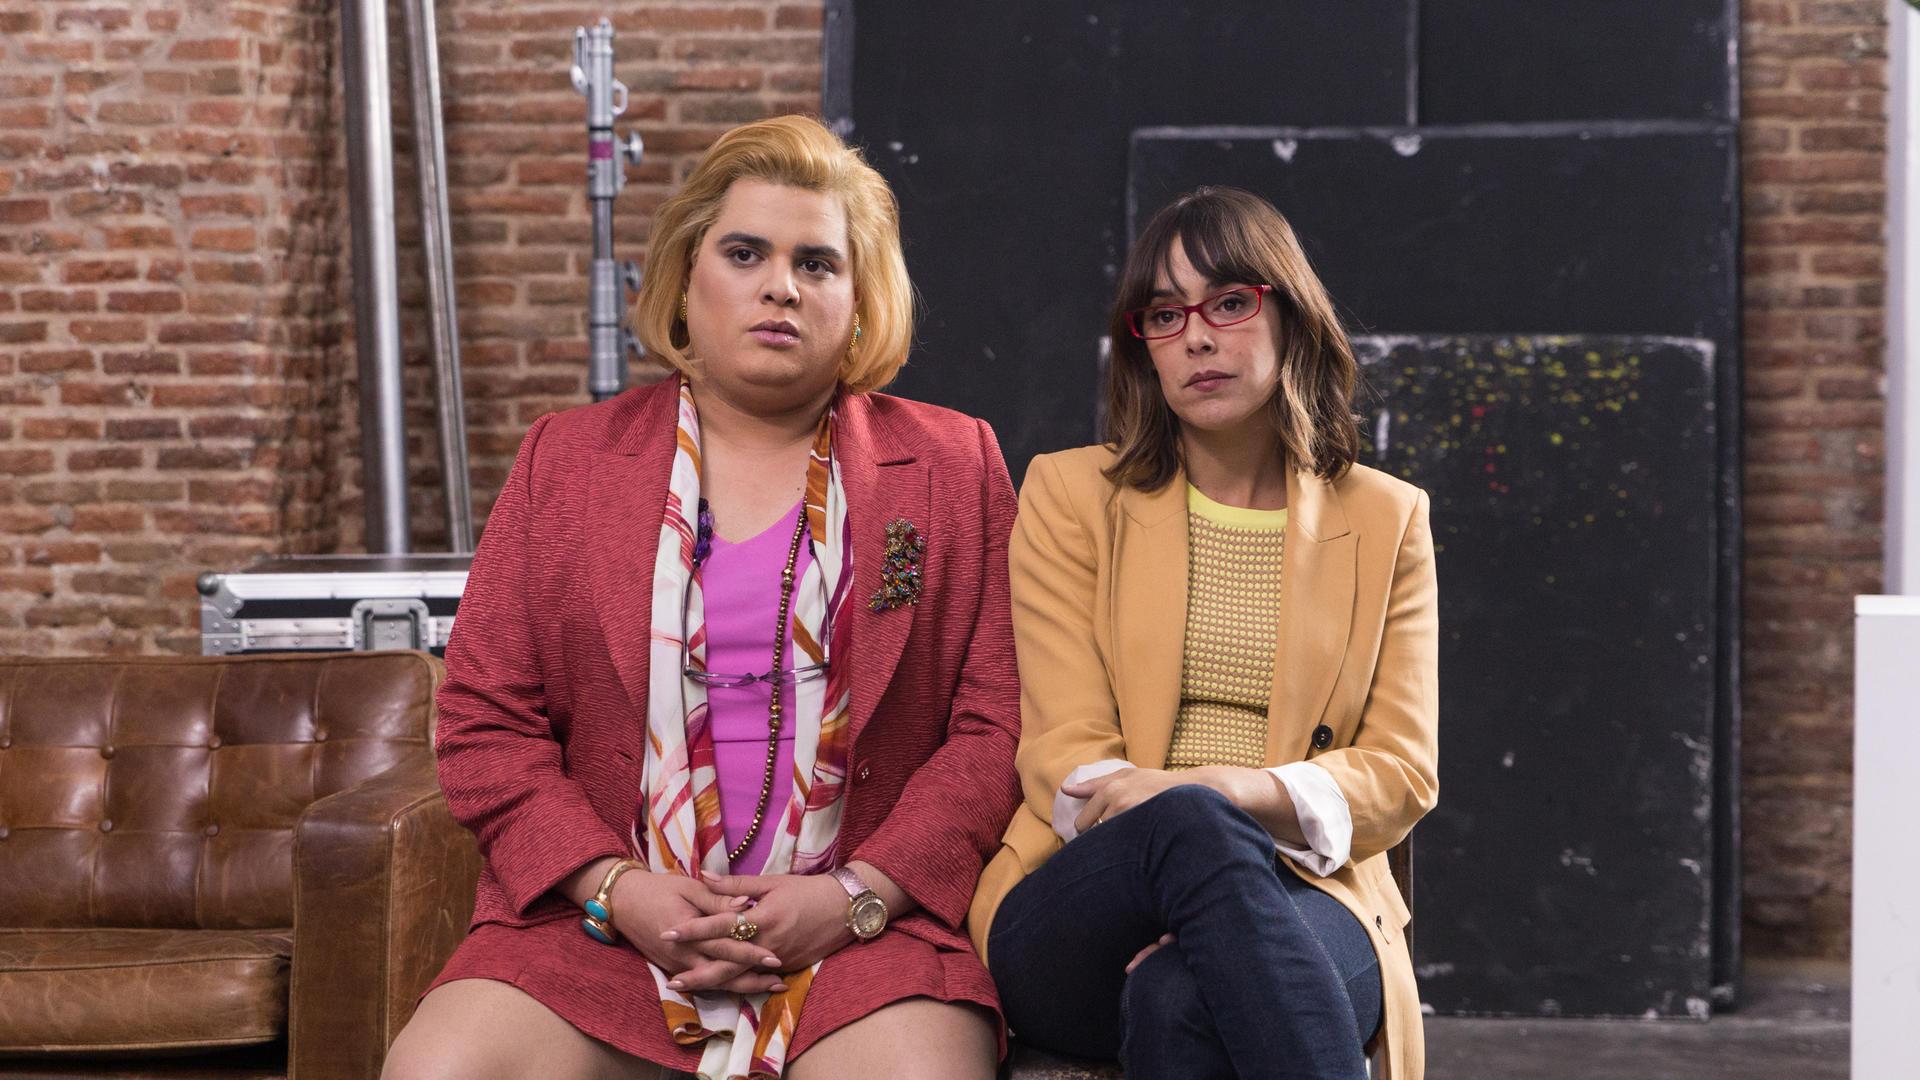 Lo mejor de Netflix durante junio: Black Mirror, Jessica Jones y más